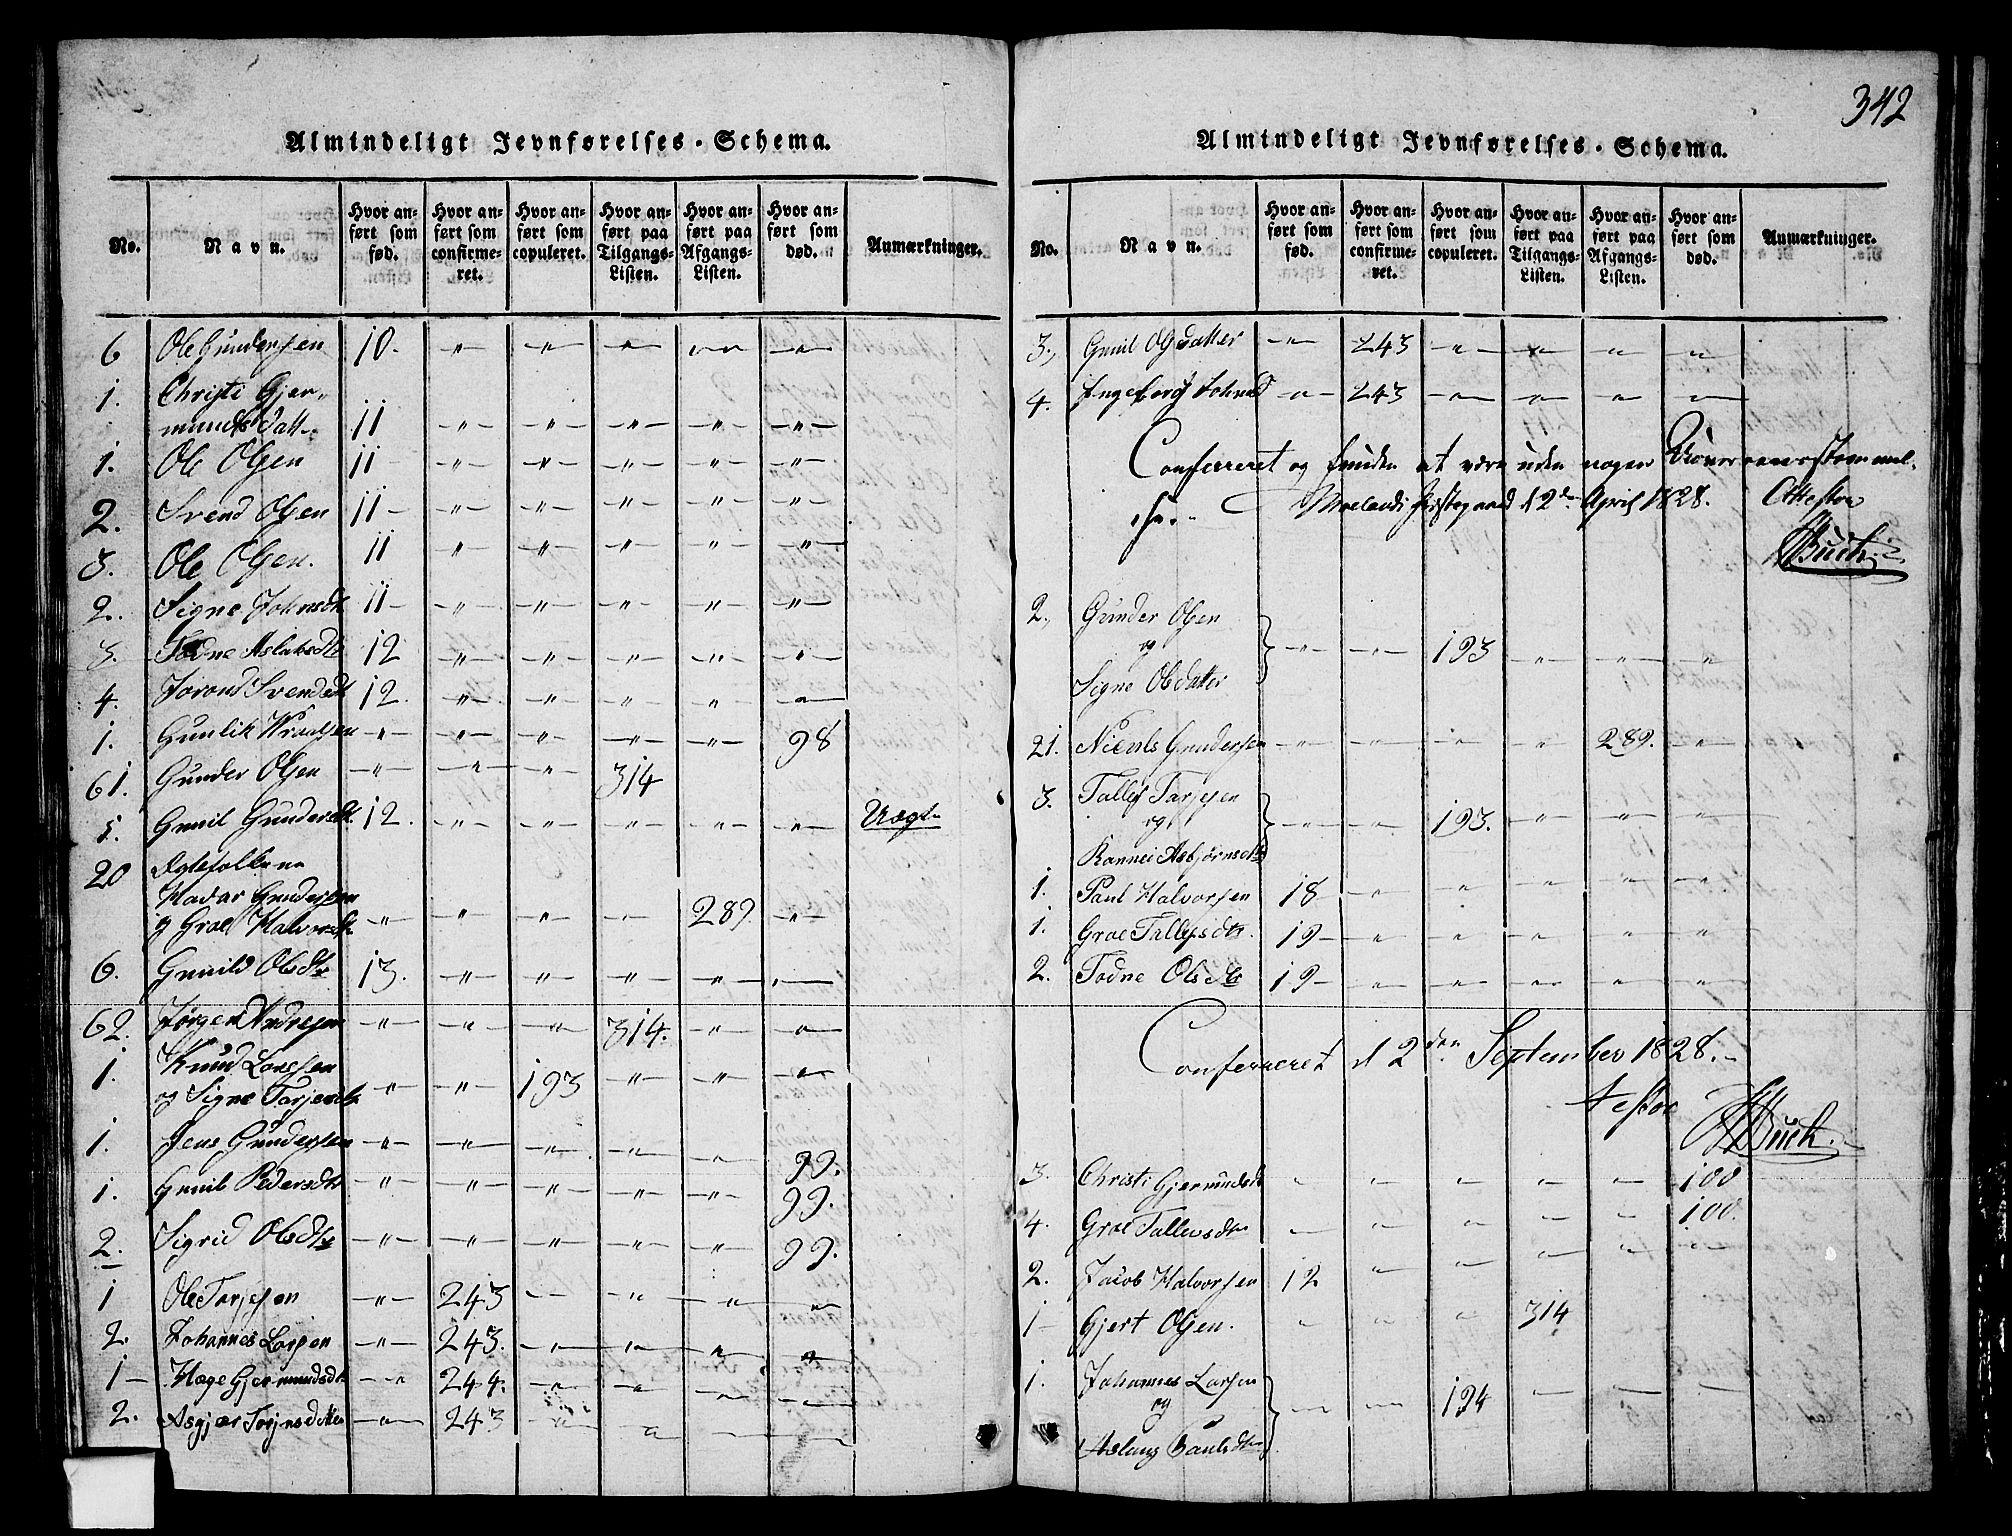 SAKO, Fyresdal kirkebøker, G/Ga/L0003: Klokkerbok nr. I 3, 1815-1863, s. 342